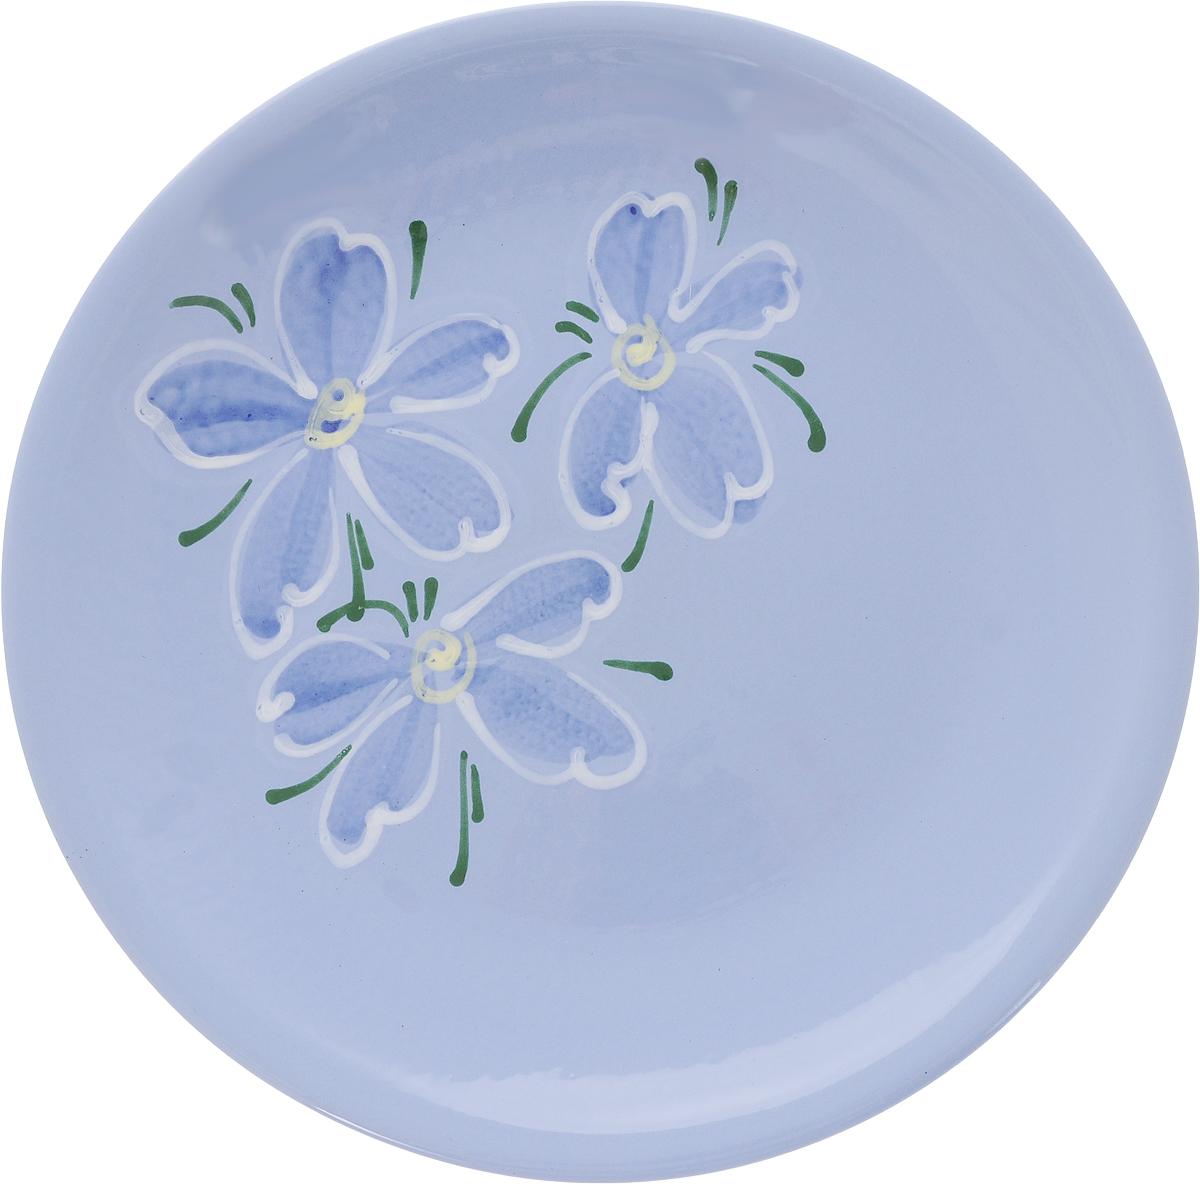 Тарелка Борисовская керамика Cтандарт, цвет: голубой, зеленый, белый, диаметр 23 см. ОБЧ00000586115610Тарелка плоская Cтандарт выполнена из высококачественной керамики. Внутренняя часть тарелки оформлена ярким рисунком с изображением цветка.Тарелка Борисовская керамика Cтандарт идеально подойдет для сервировки стола и станет отличным подарком к любому празднику. Изделие может использоваться как подставка под любую другую посуду.Можно использовать в духовке и микроволновой печи.Диаметр (по верхнему краю): 23 см.